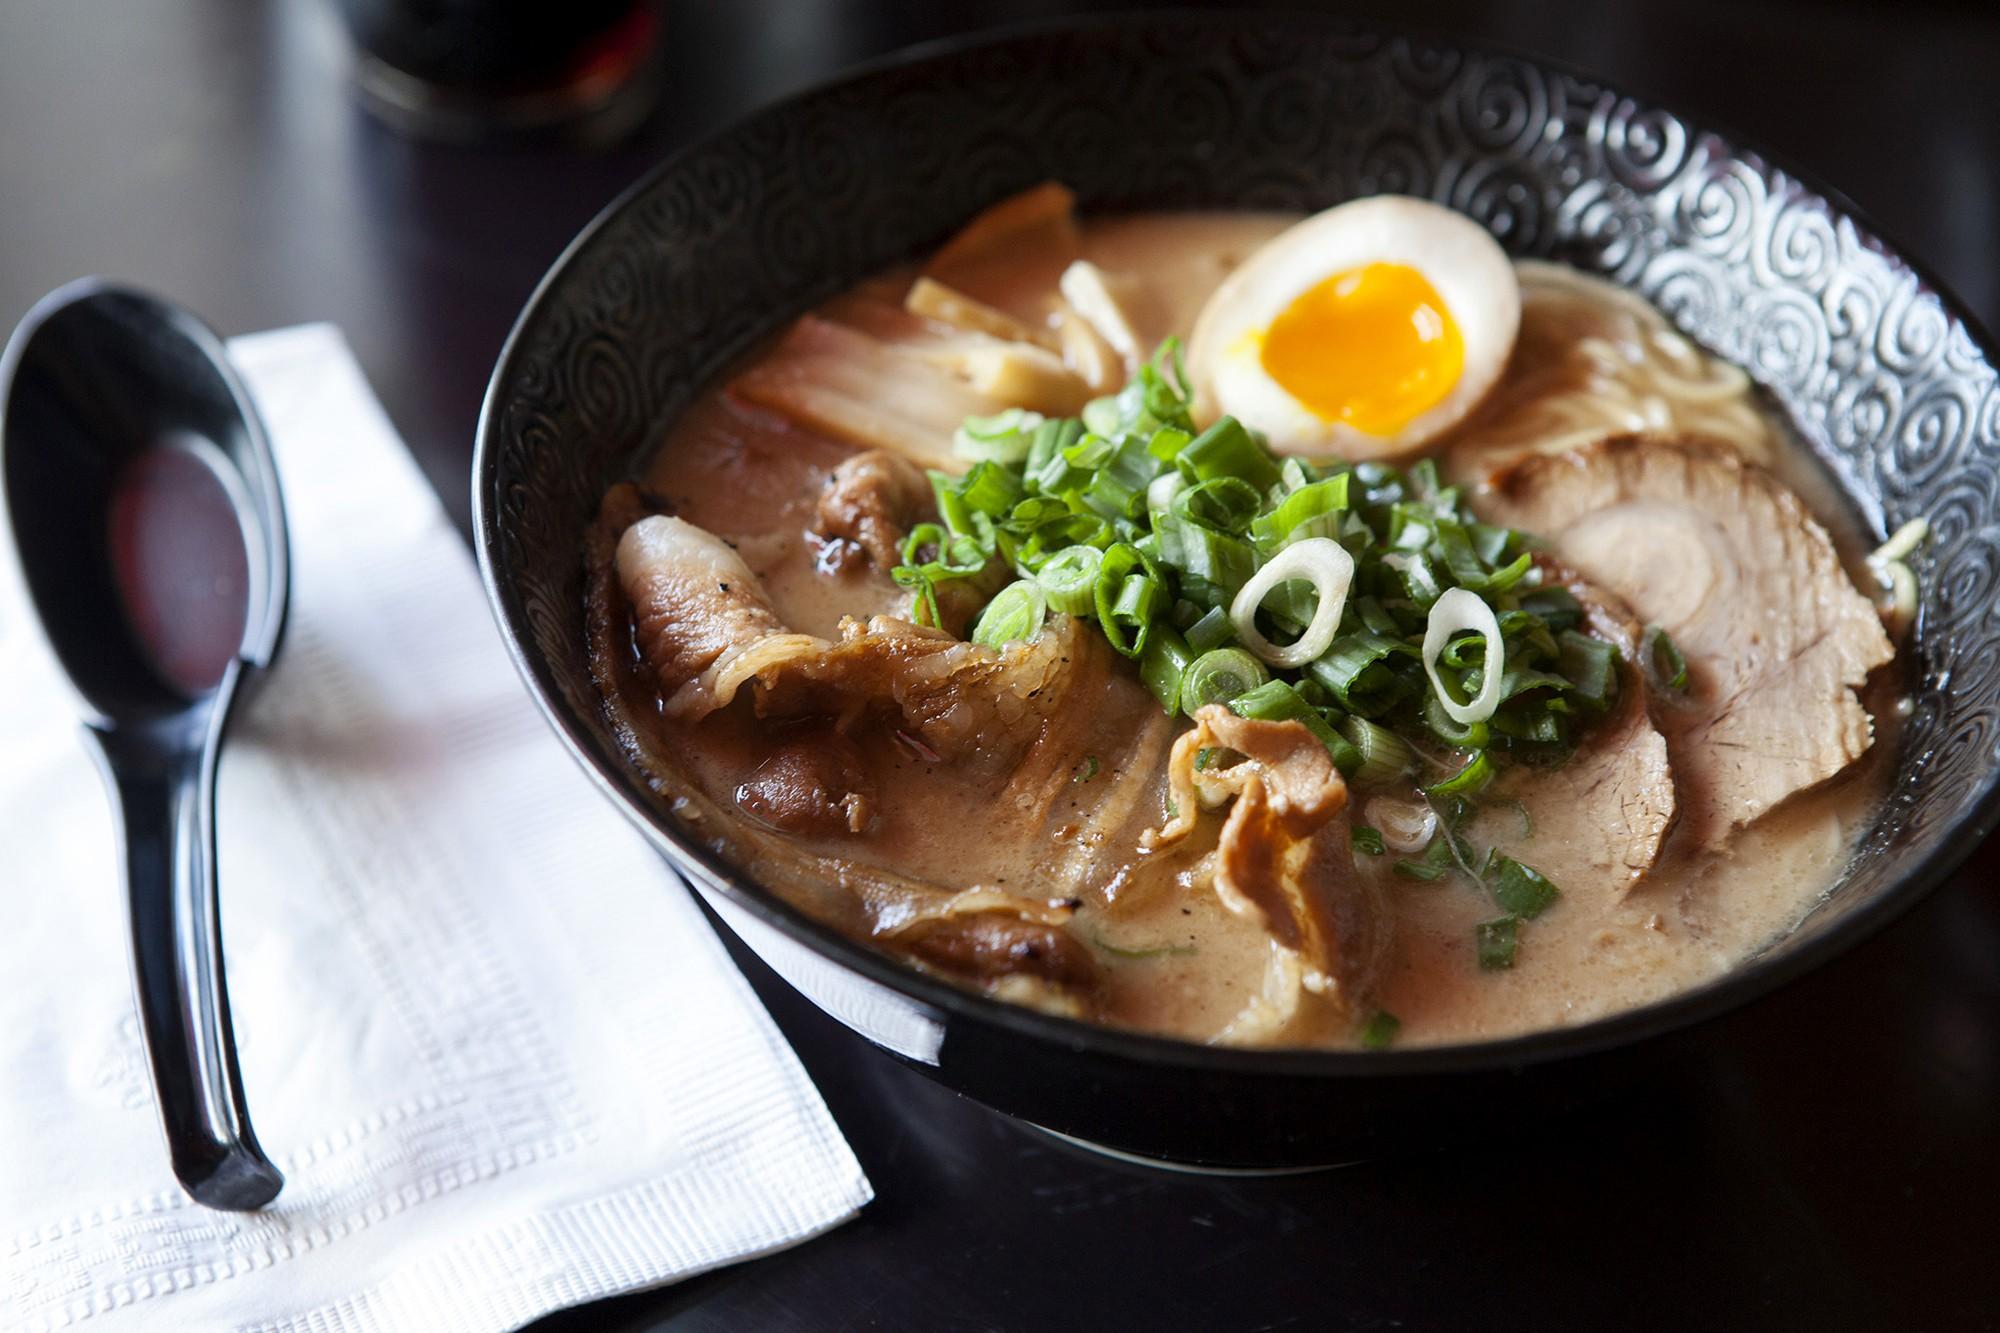 Ngoài Aori của Seungri thì ở Hà Nội còn có rất nhiều quán mì ramen ngon và hay ho - Ảnh 1.